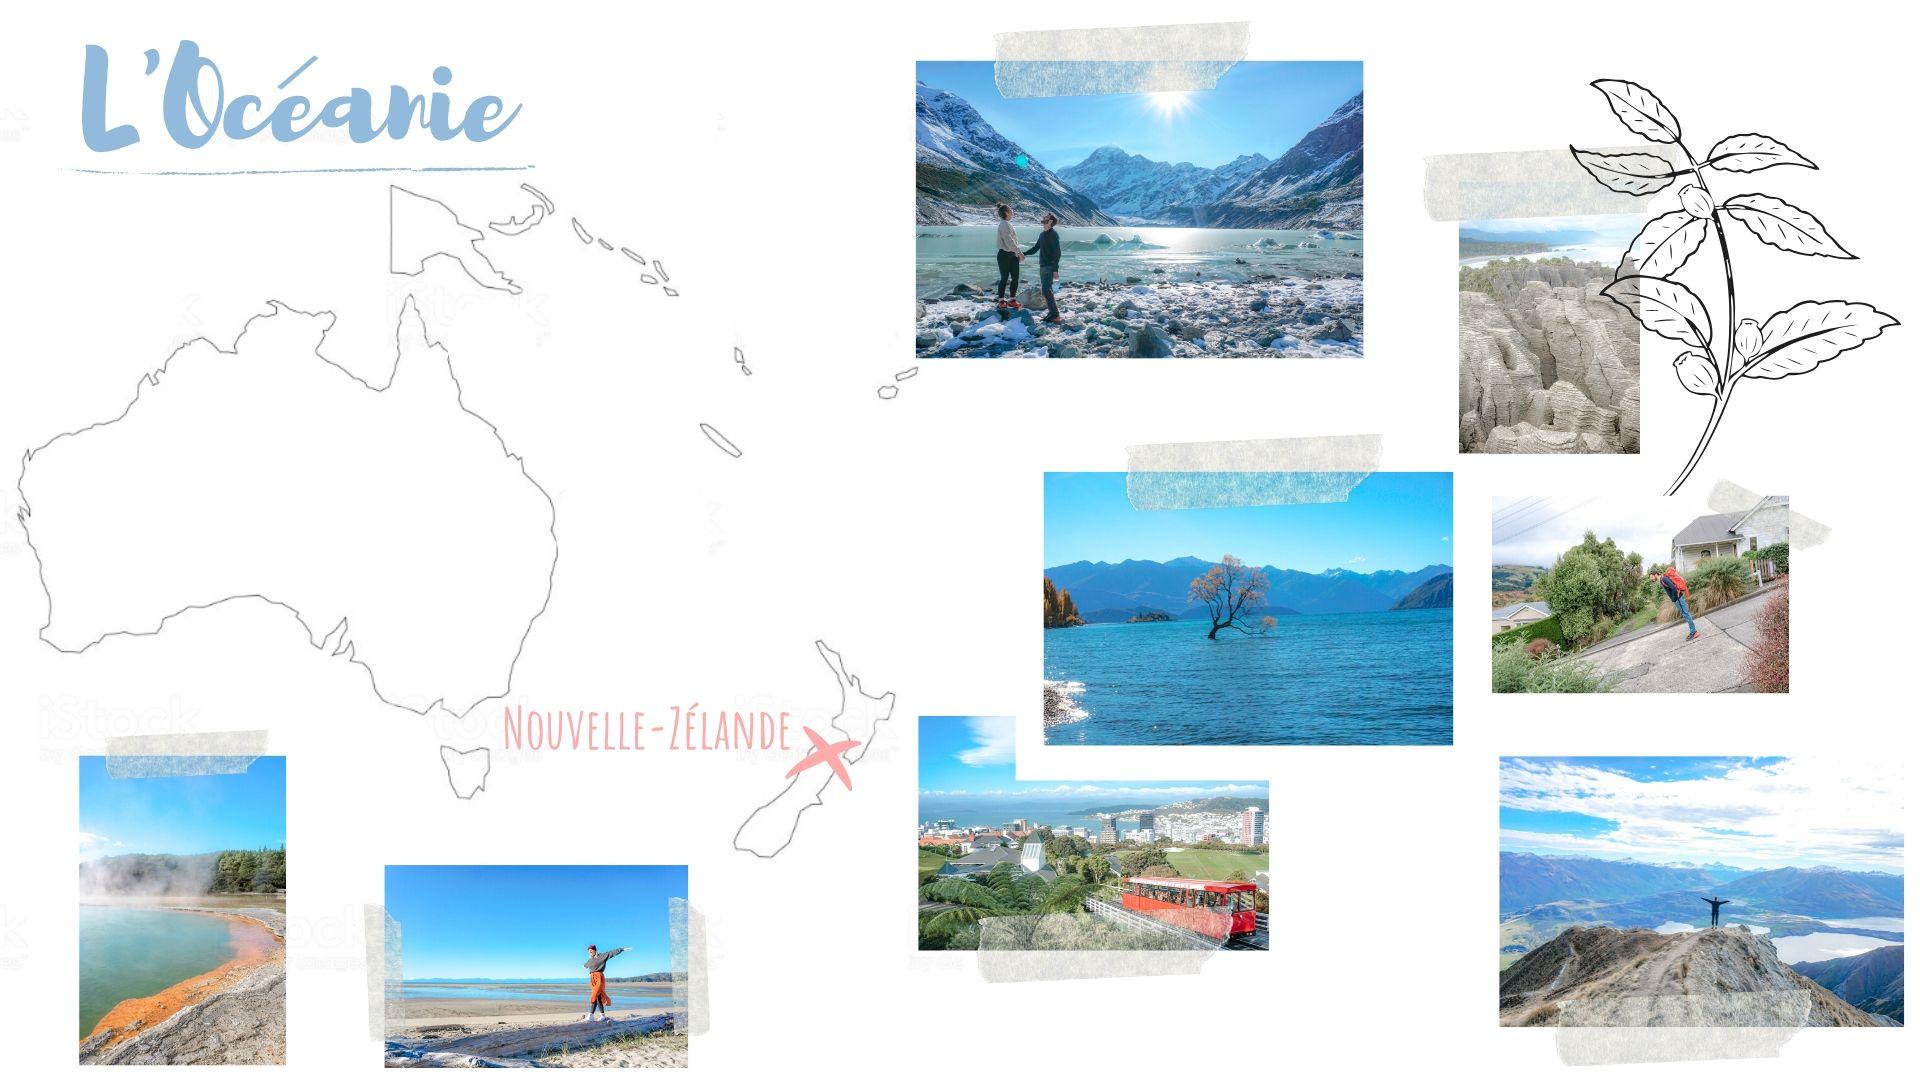 visiter océanie australie nouvelle zelande blog